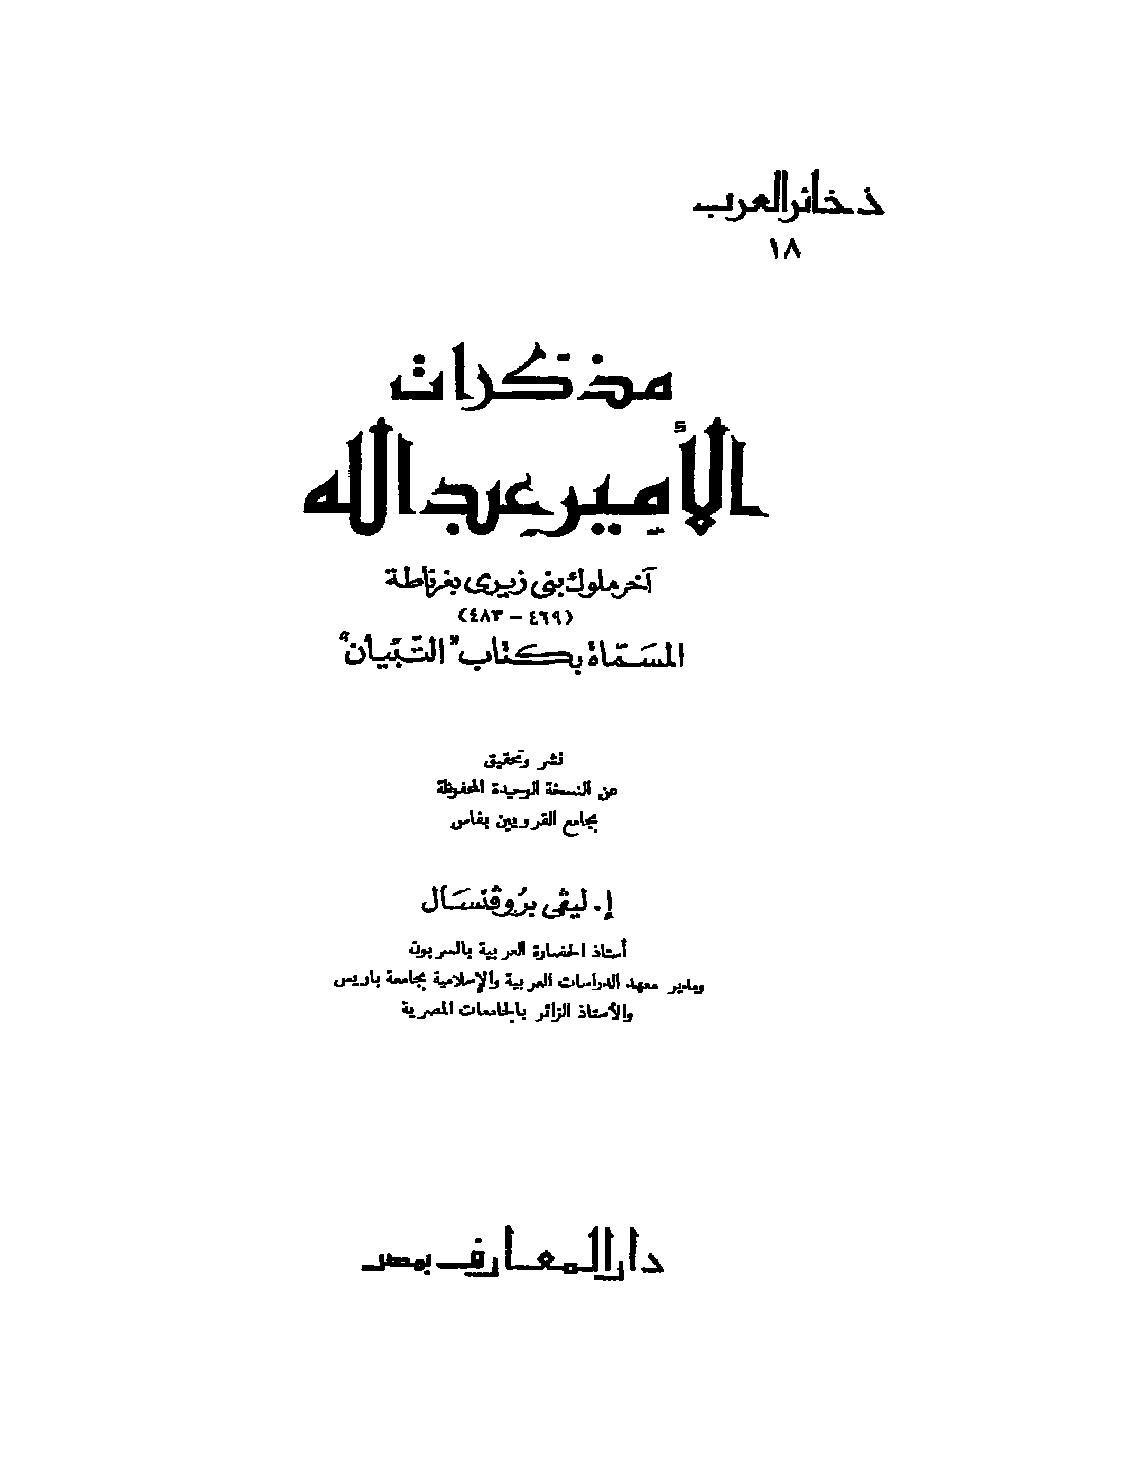 مذكرات الامير عبدالله، آخر ملوك بني زيري بغرناطة، (التبيان